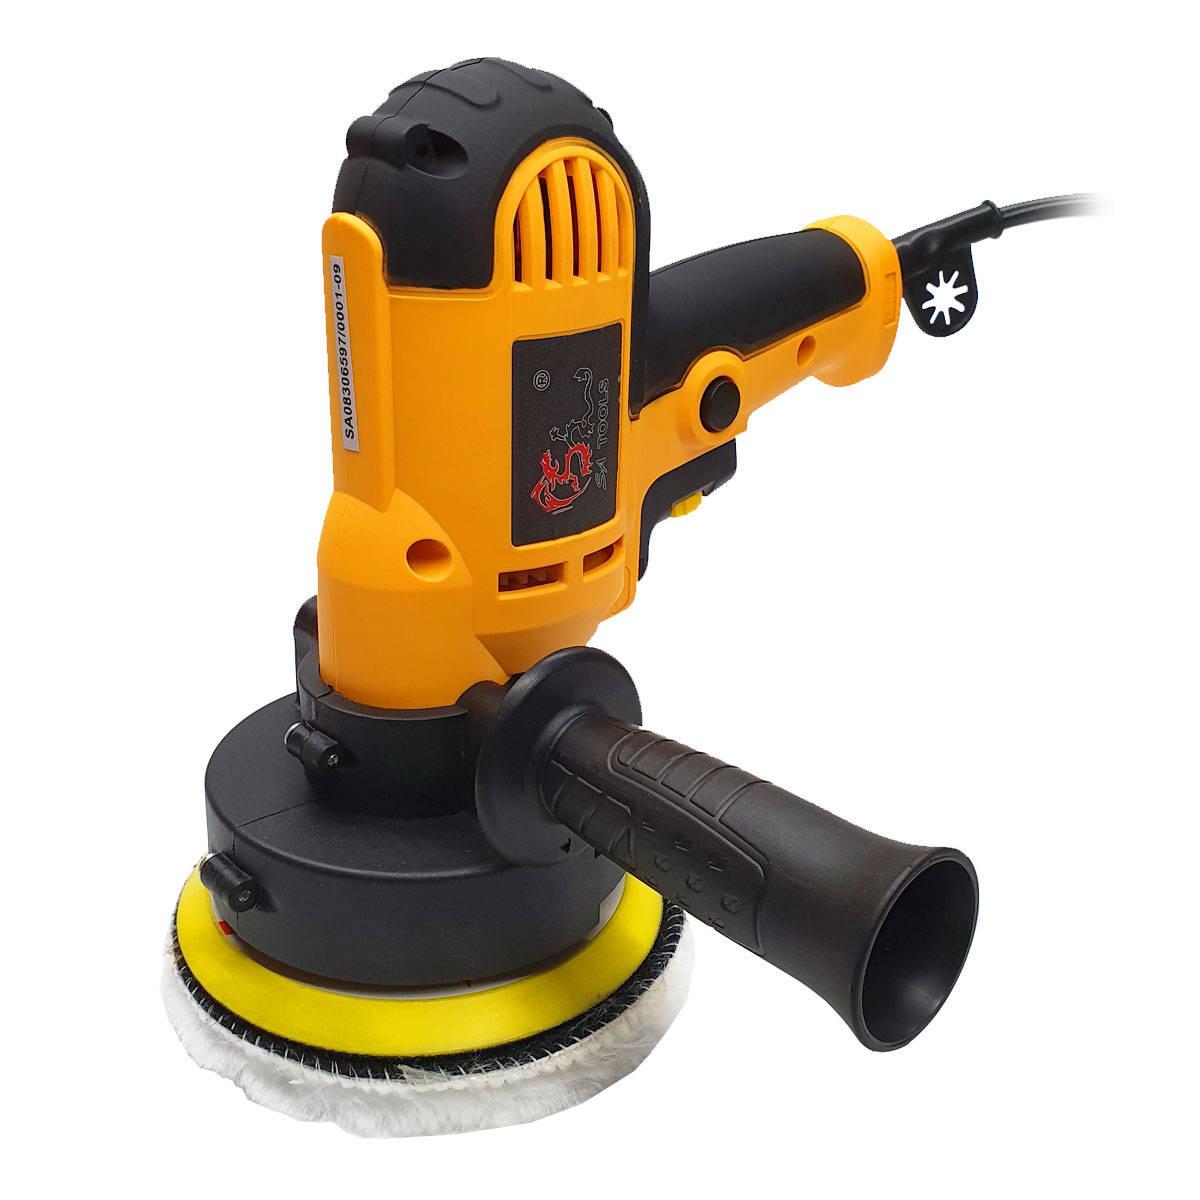 Imagem do produto Lixadeira e Politriz Vertical 125mm 550W SA-312 SA Tools